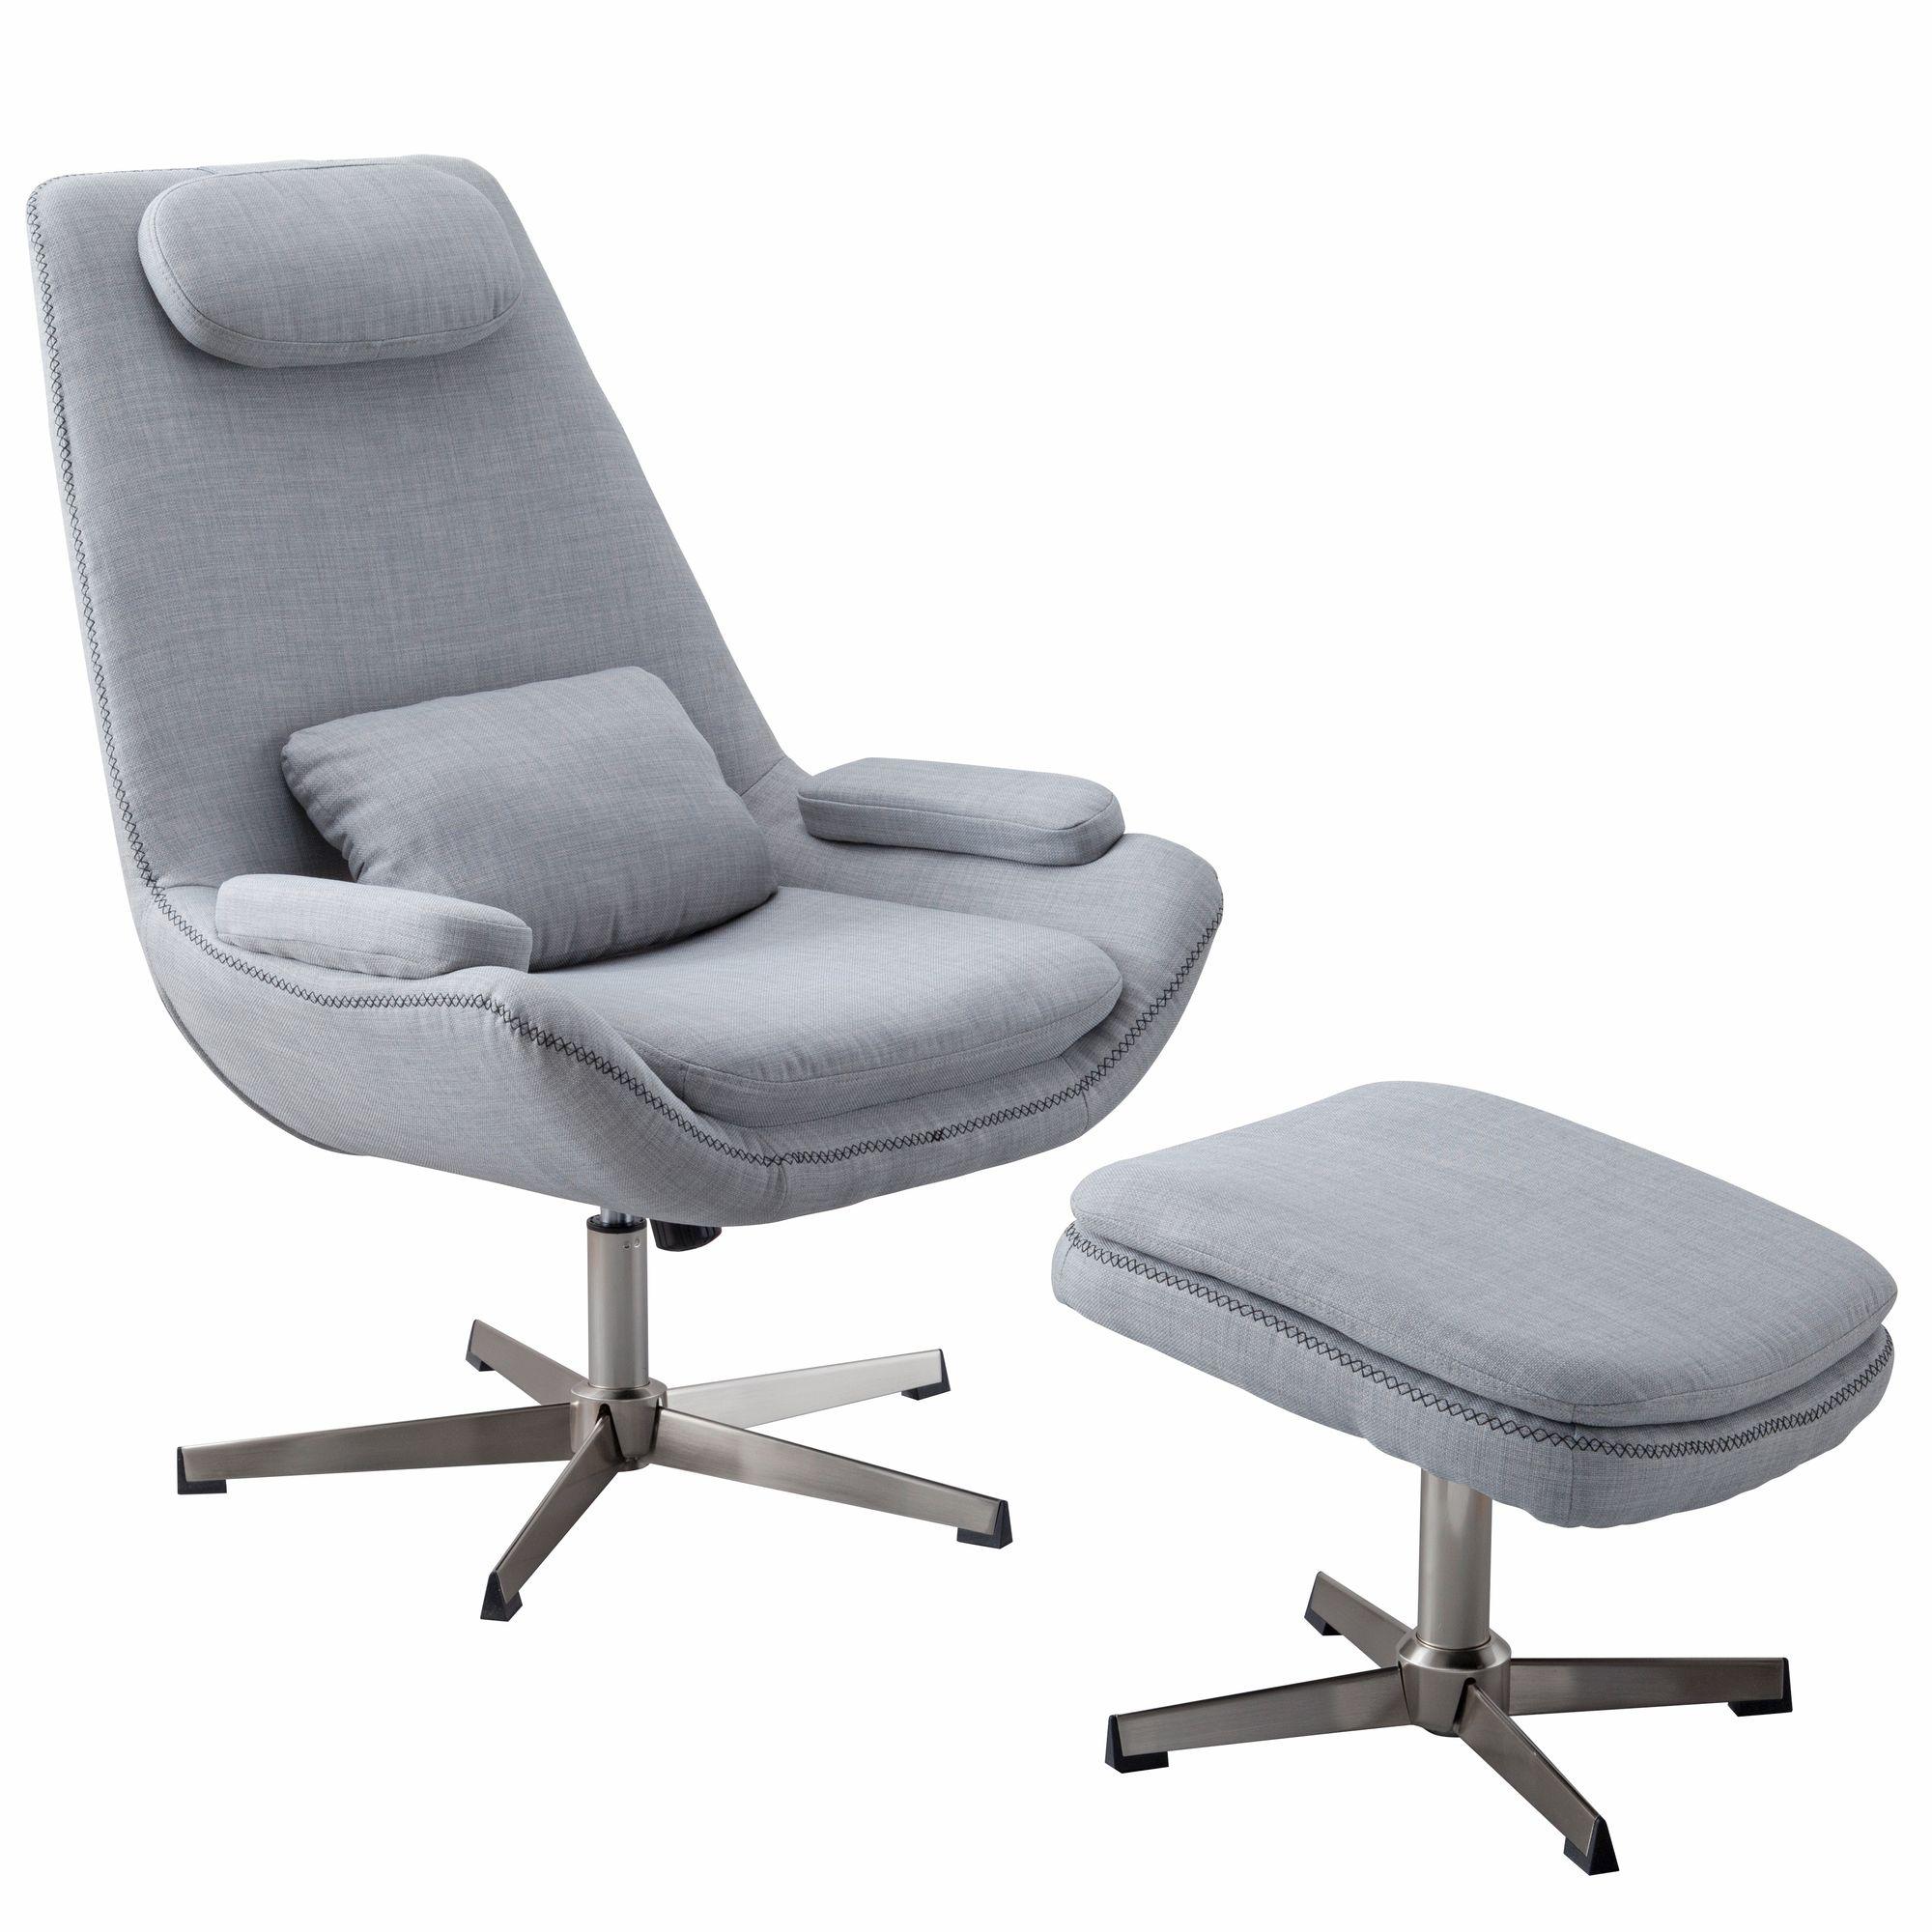 finebuy Relaxsessel online kaufen | Möbel-Suchmaschine ...